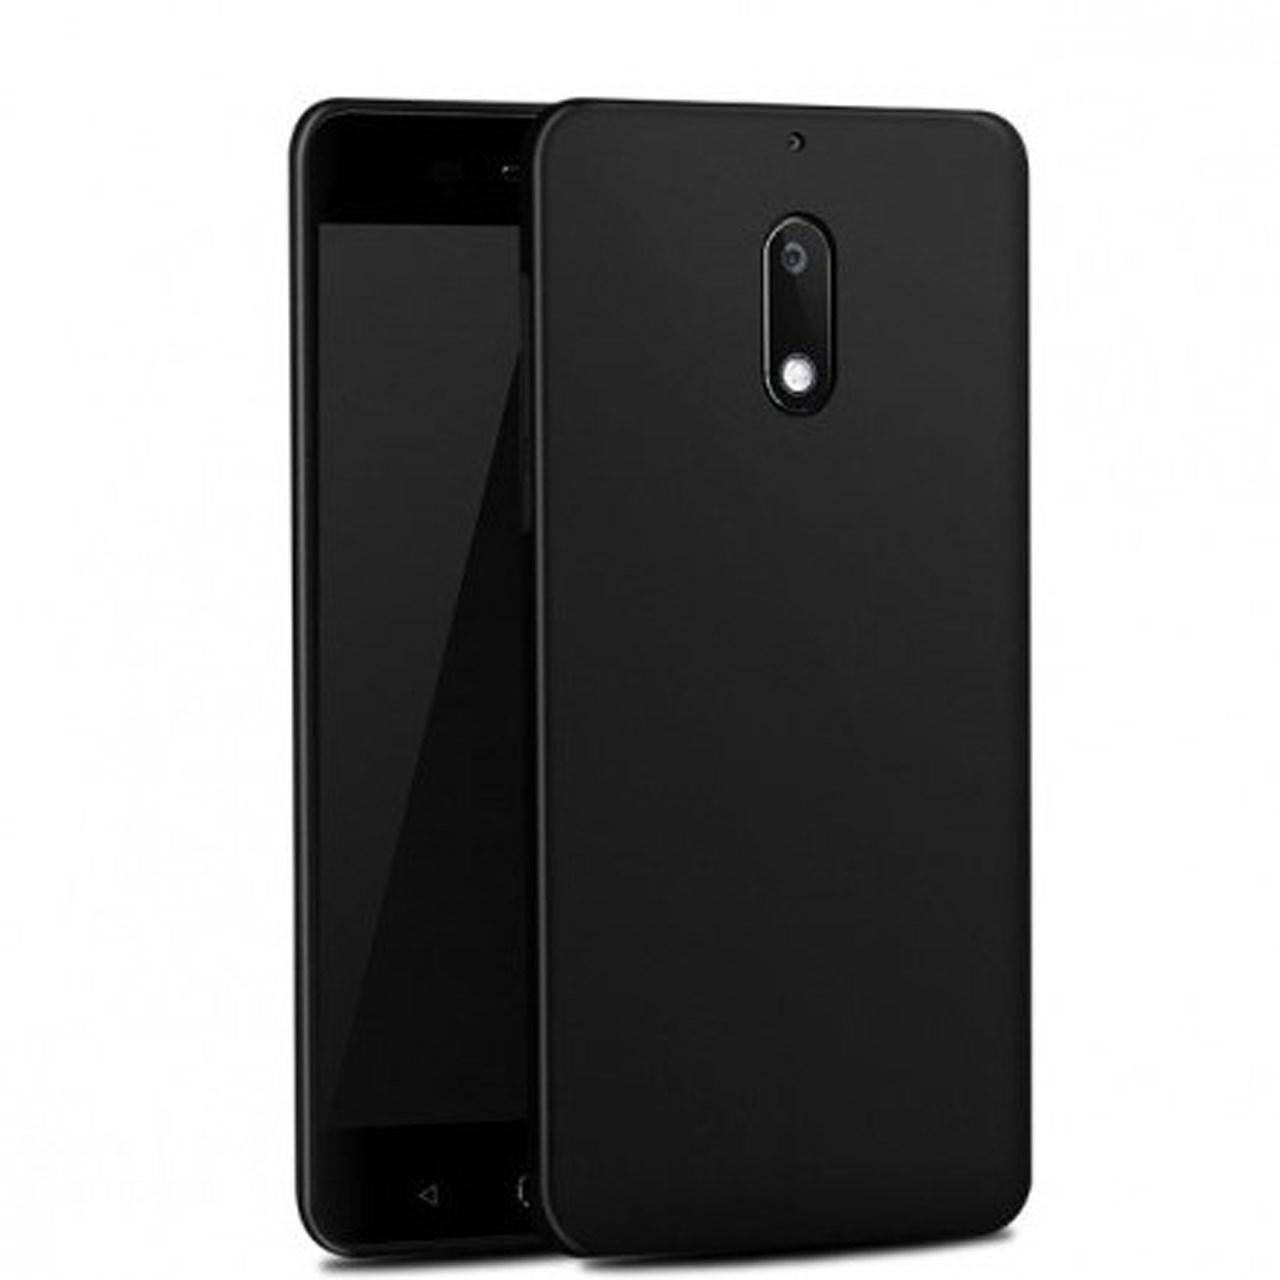 کاور ایکس لول مدل Guardian مناسب برای گوشی موبایل نوکیا 5